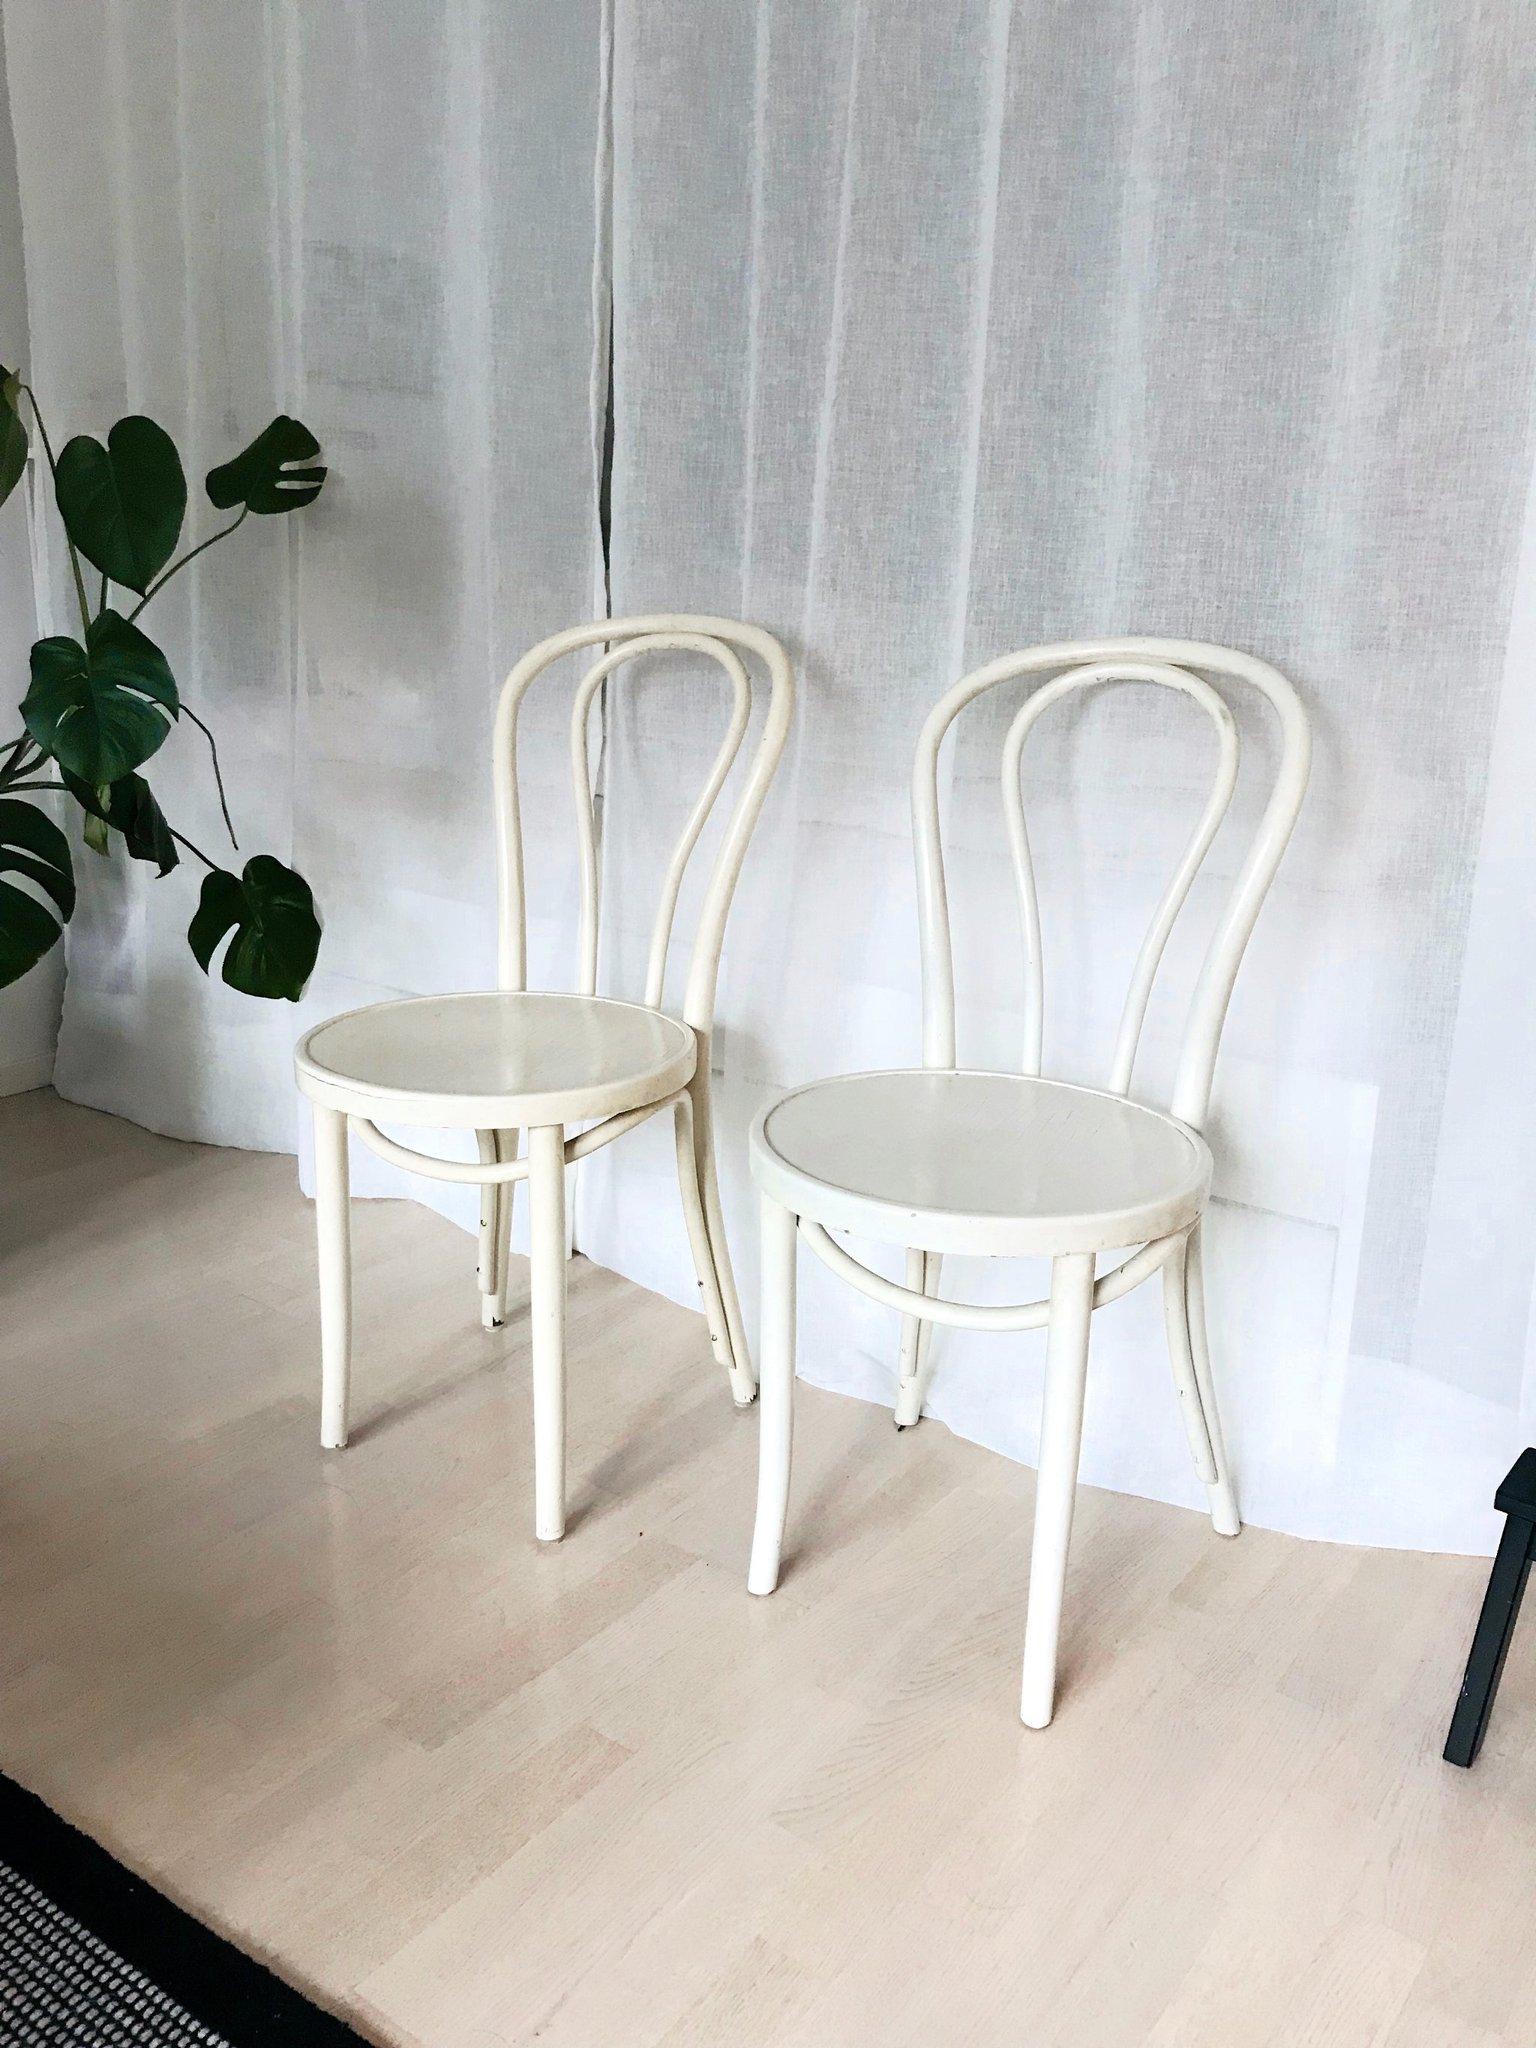 2 st Öglan Vintage stolar i trä 60 tal Gillis Lundgren IKEA trästolar